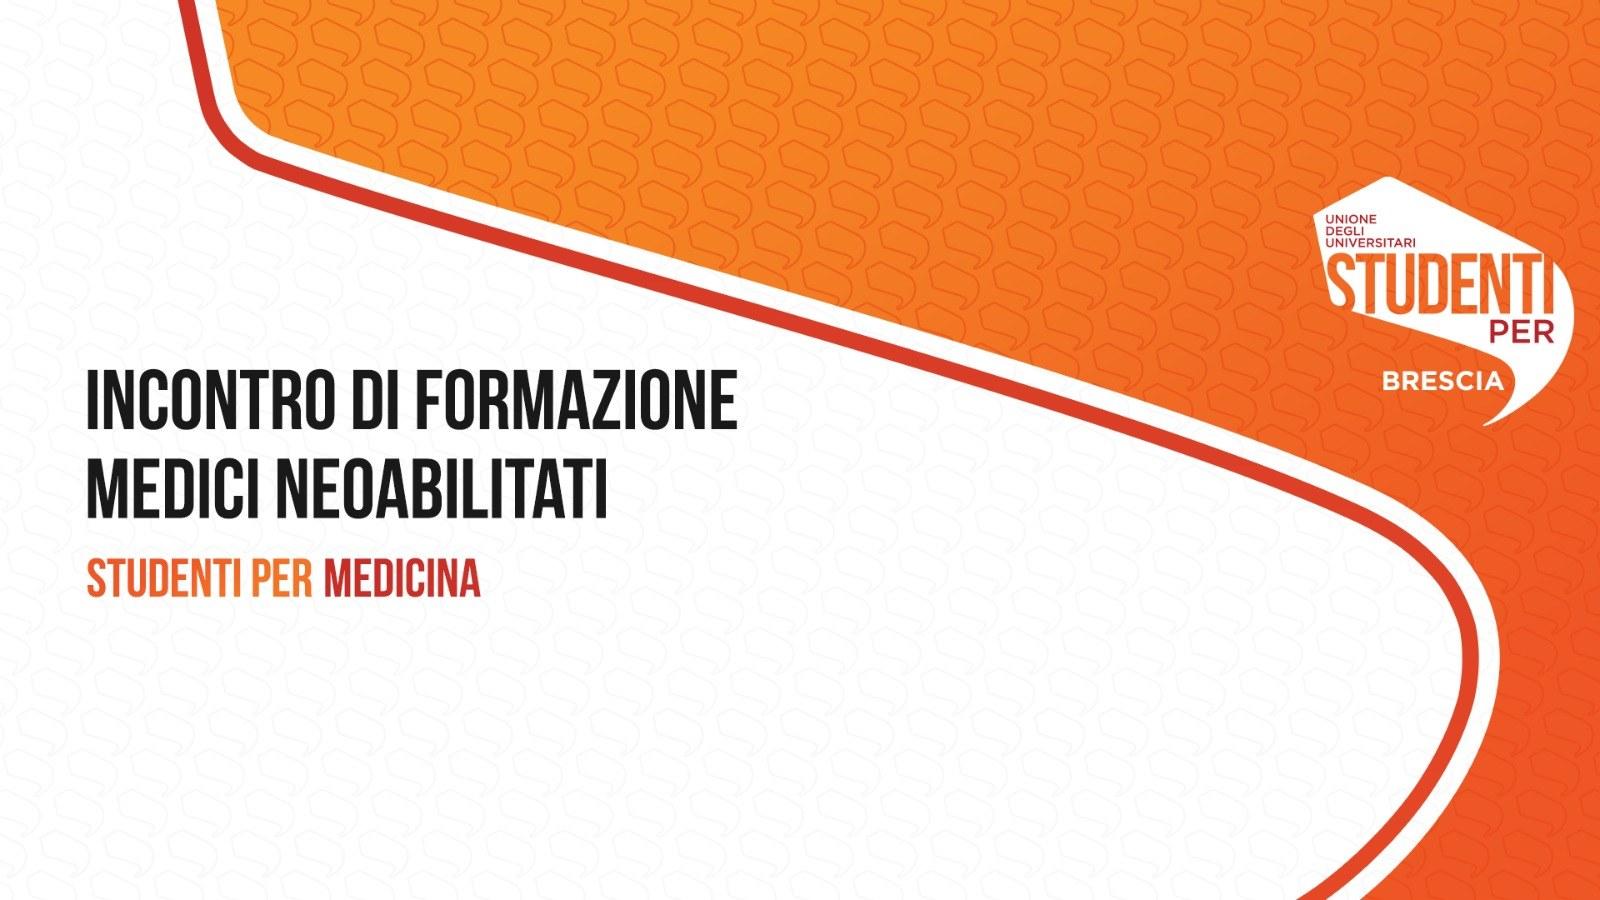 Studenti Per - UDU Brescia